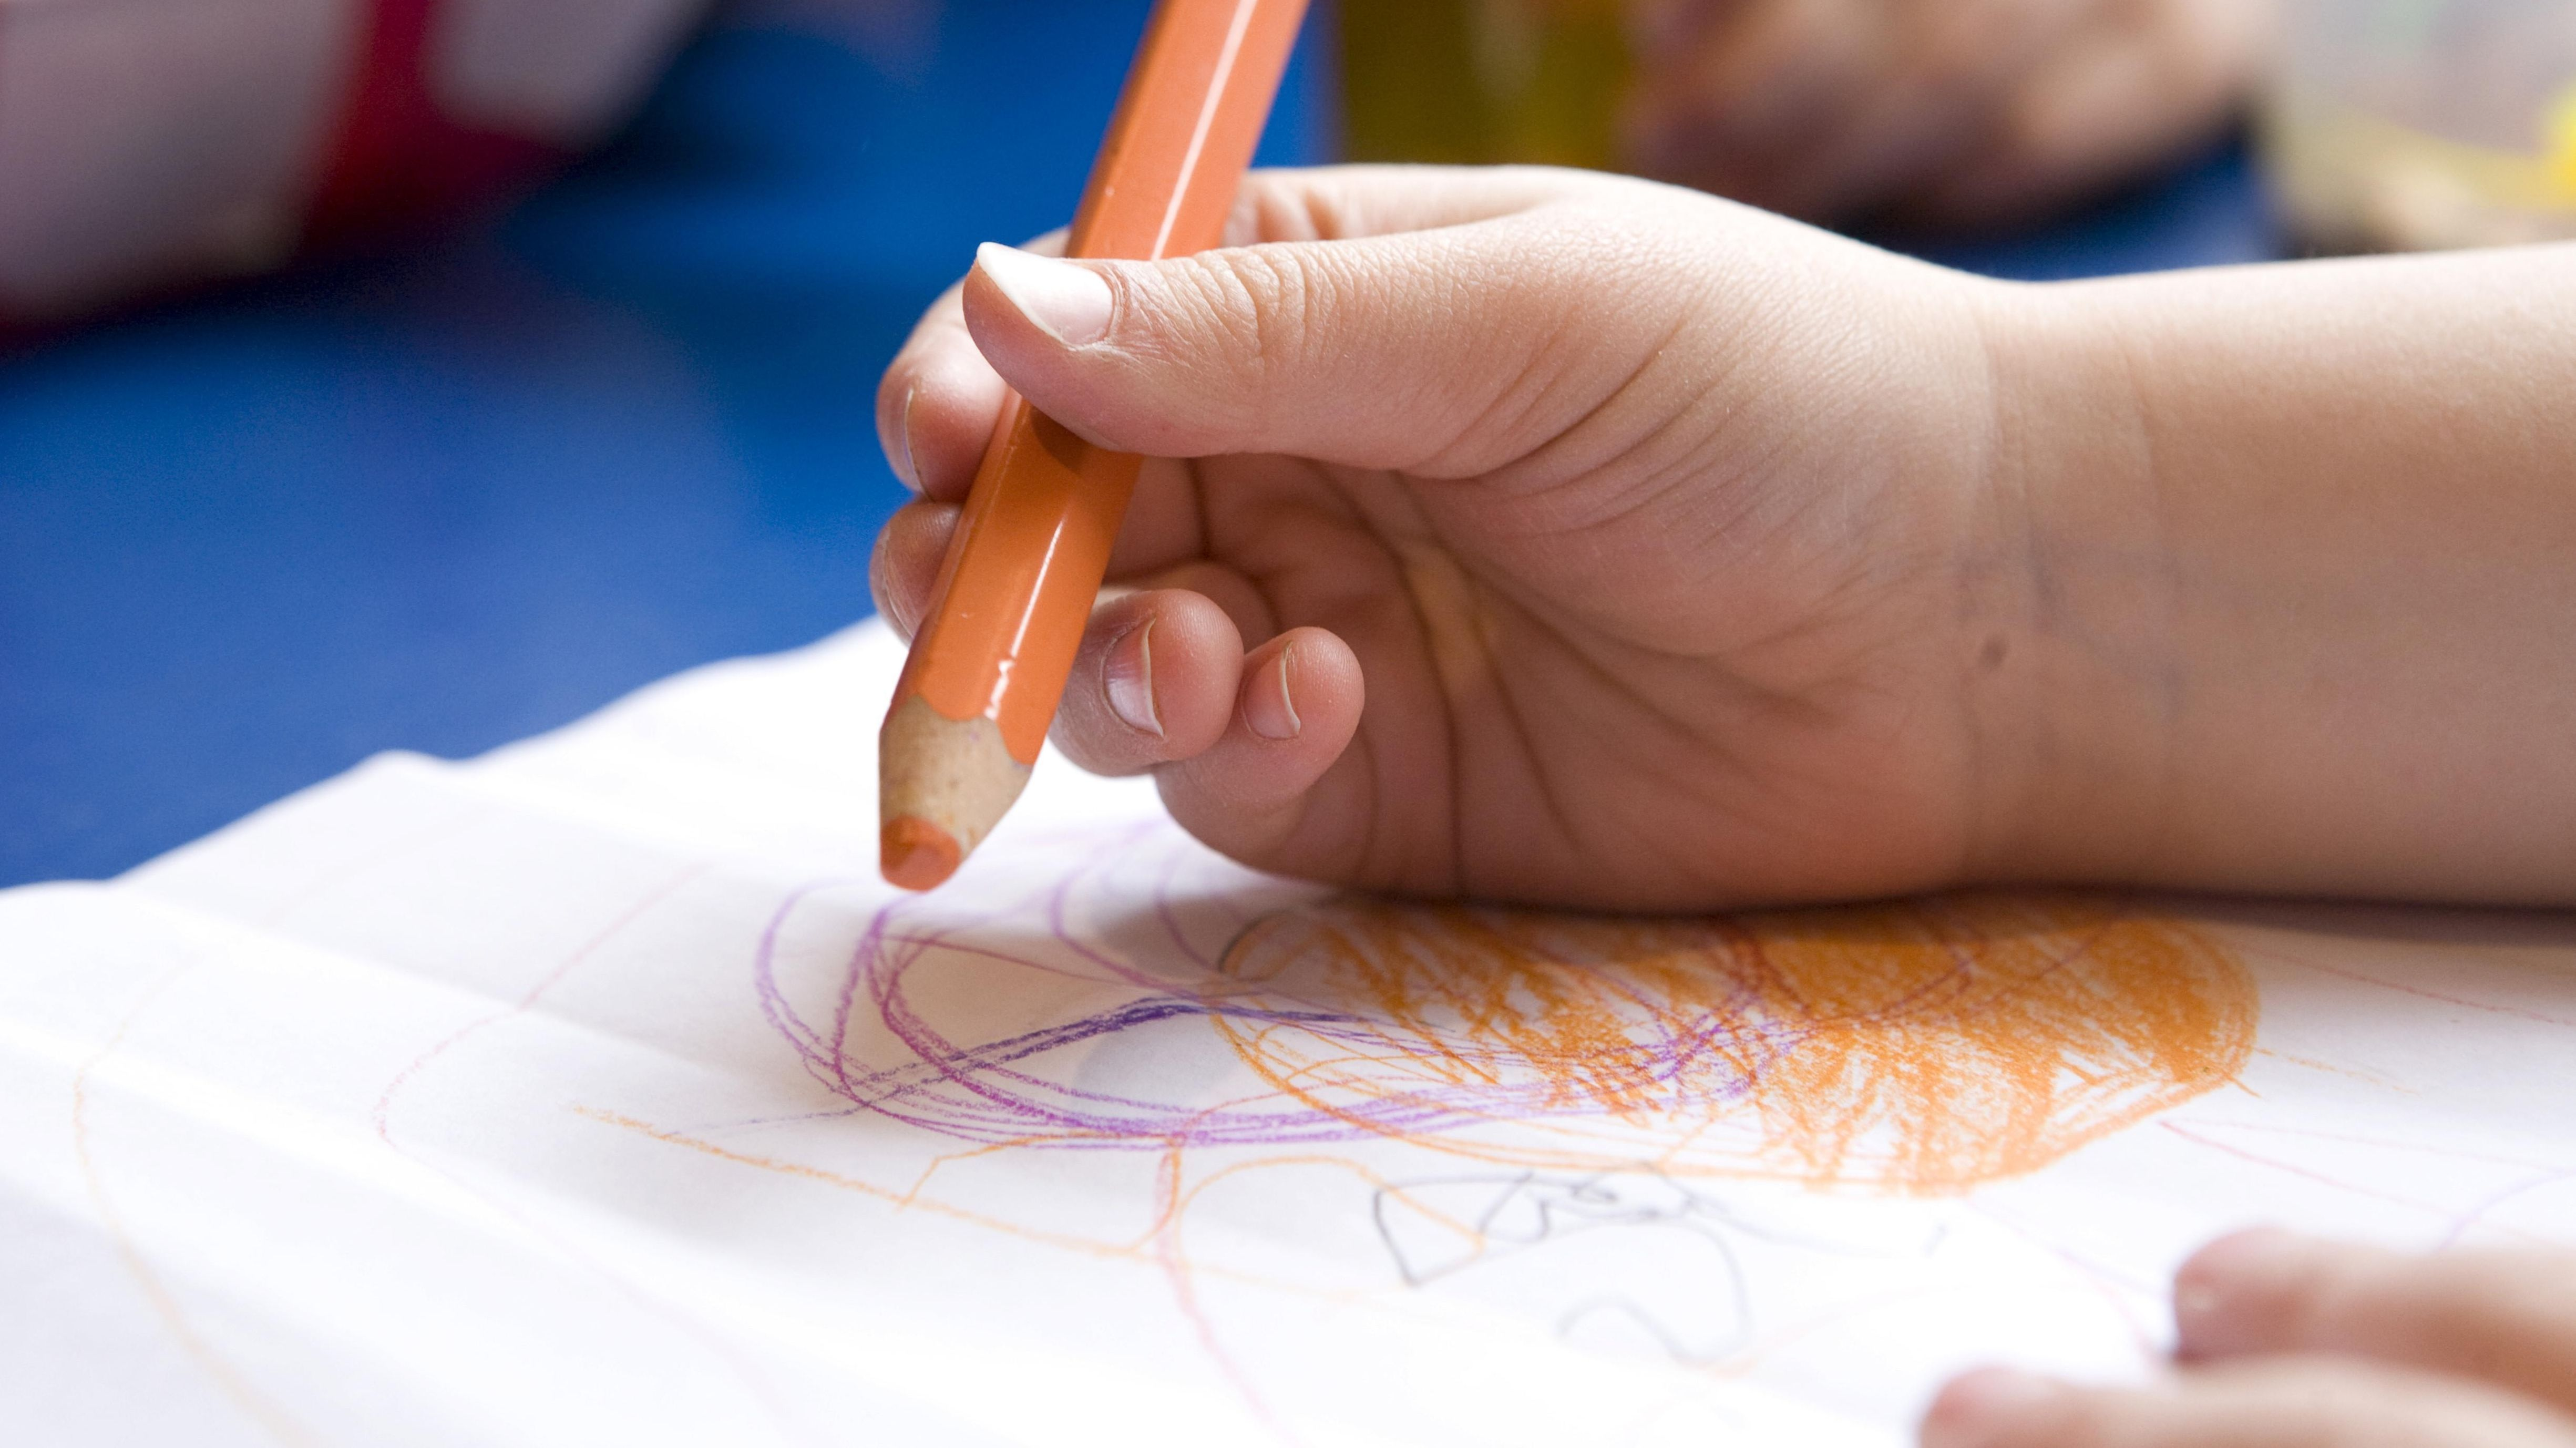 Ein Kind malt mit einem Buntstift.